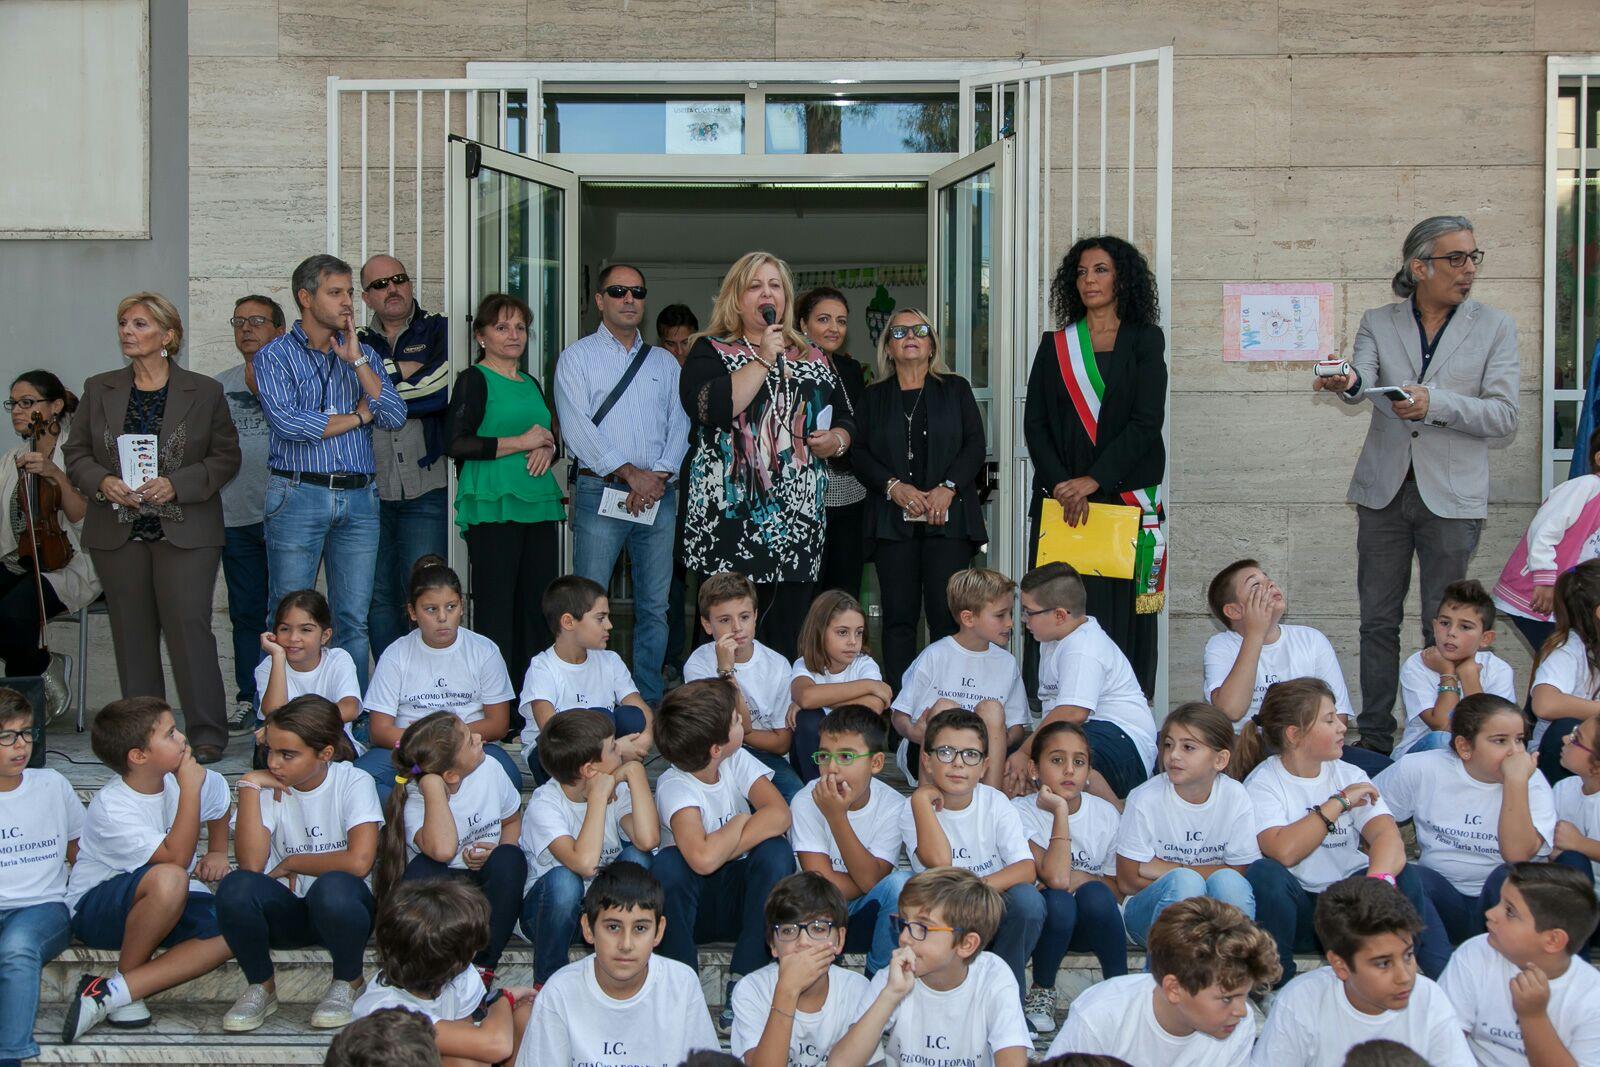 montessori_opening_30